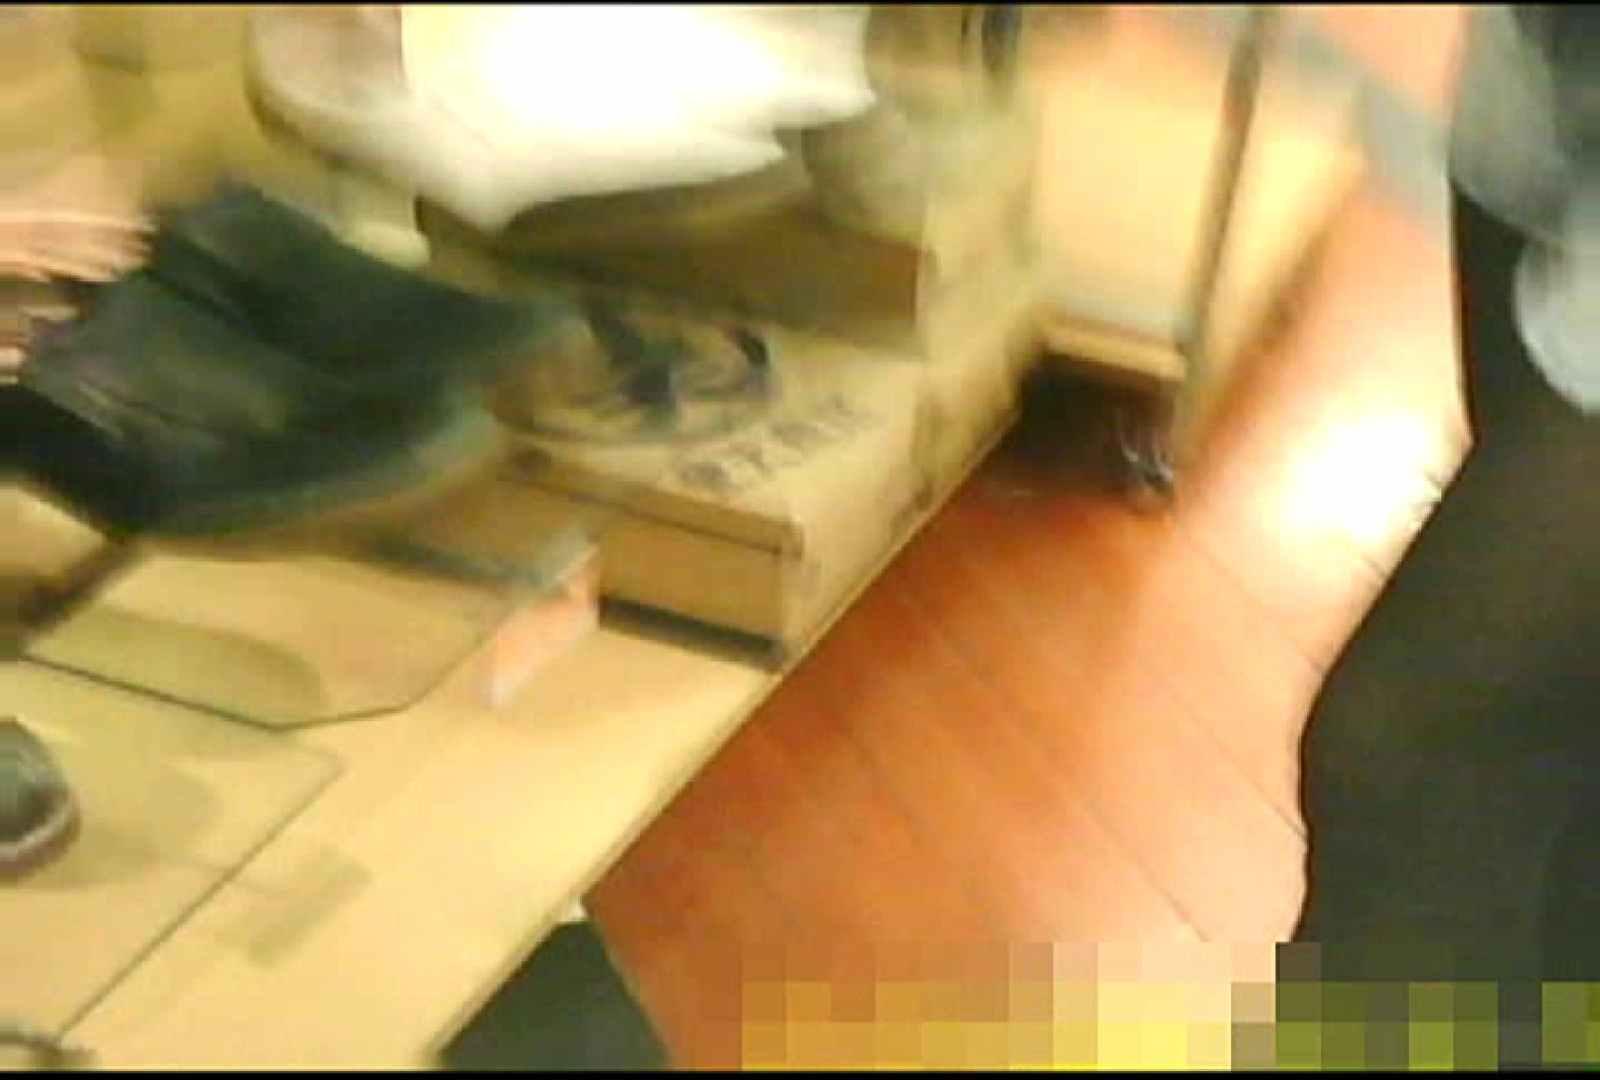 「ノゾキスト」さんの陰撮!!美女サルベージVol.1 覗き  68画像 40